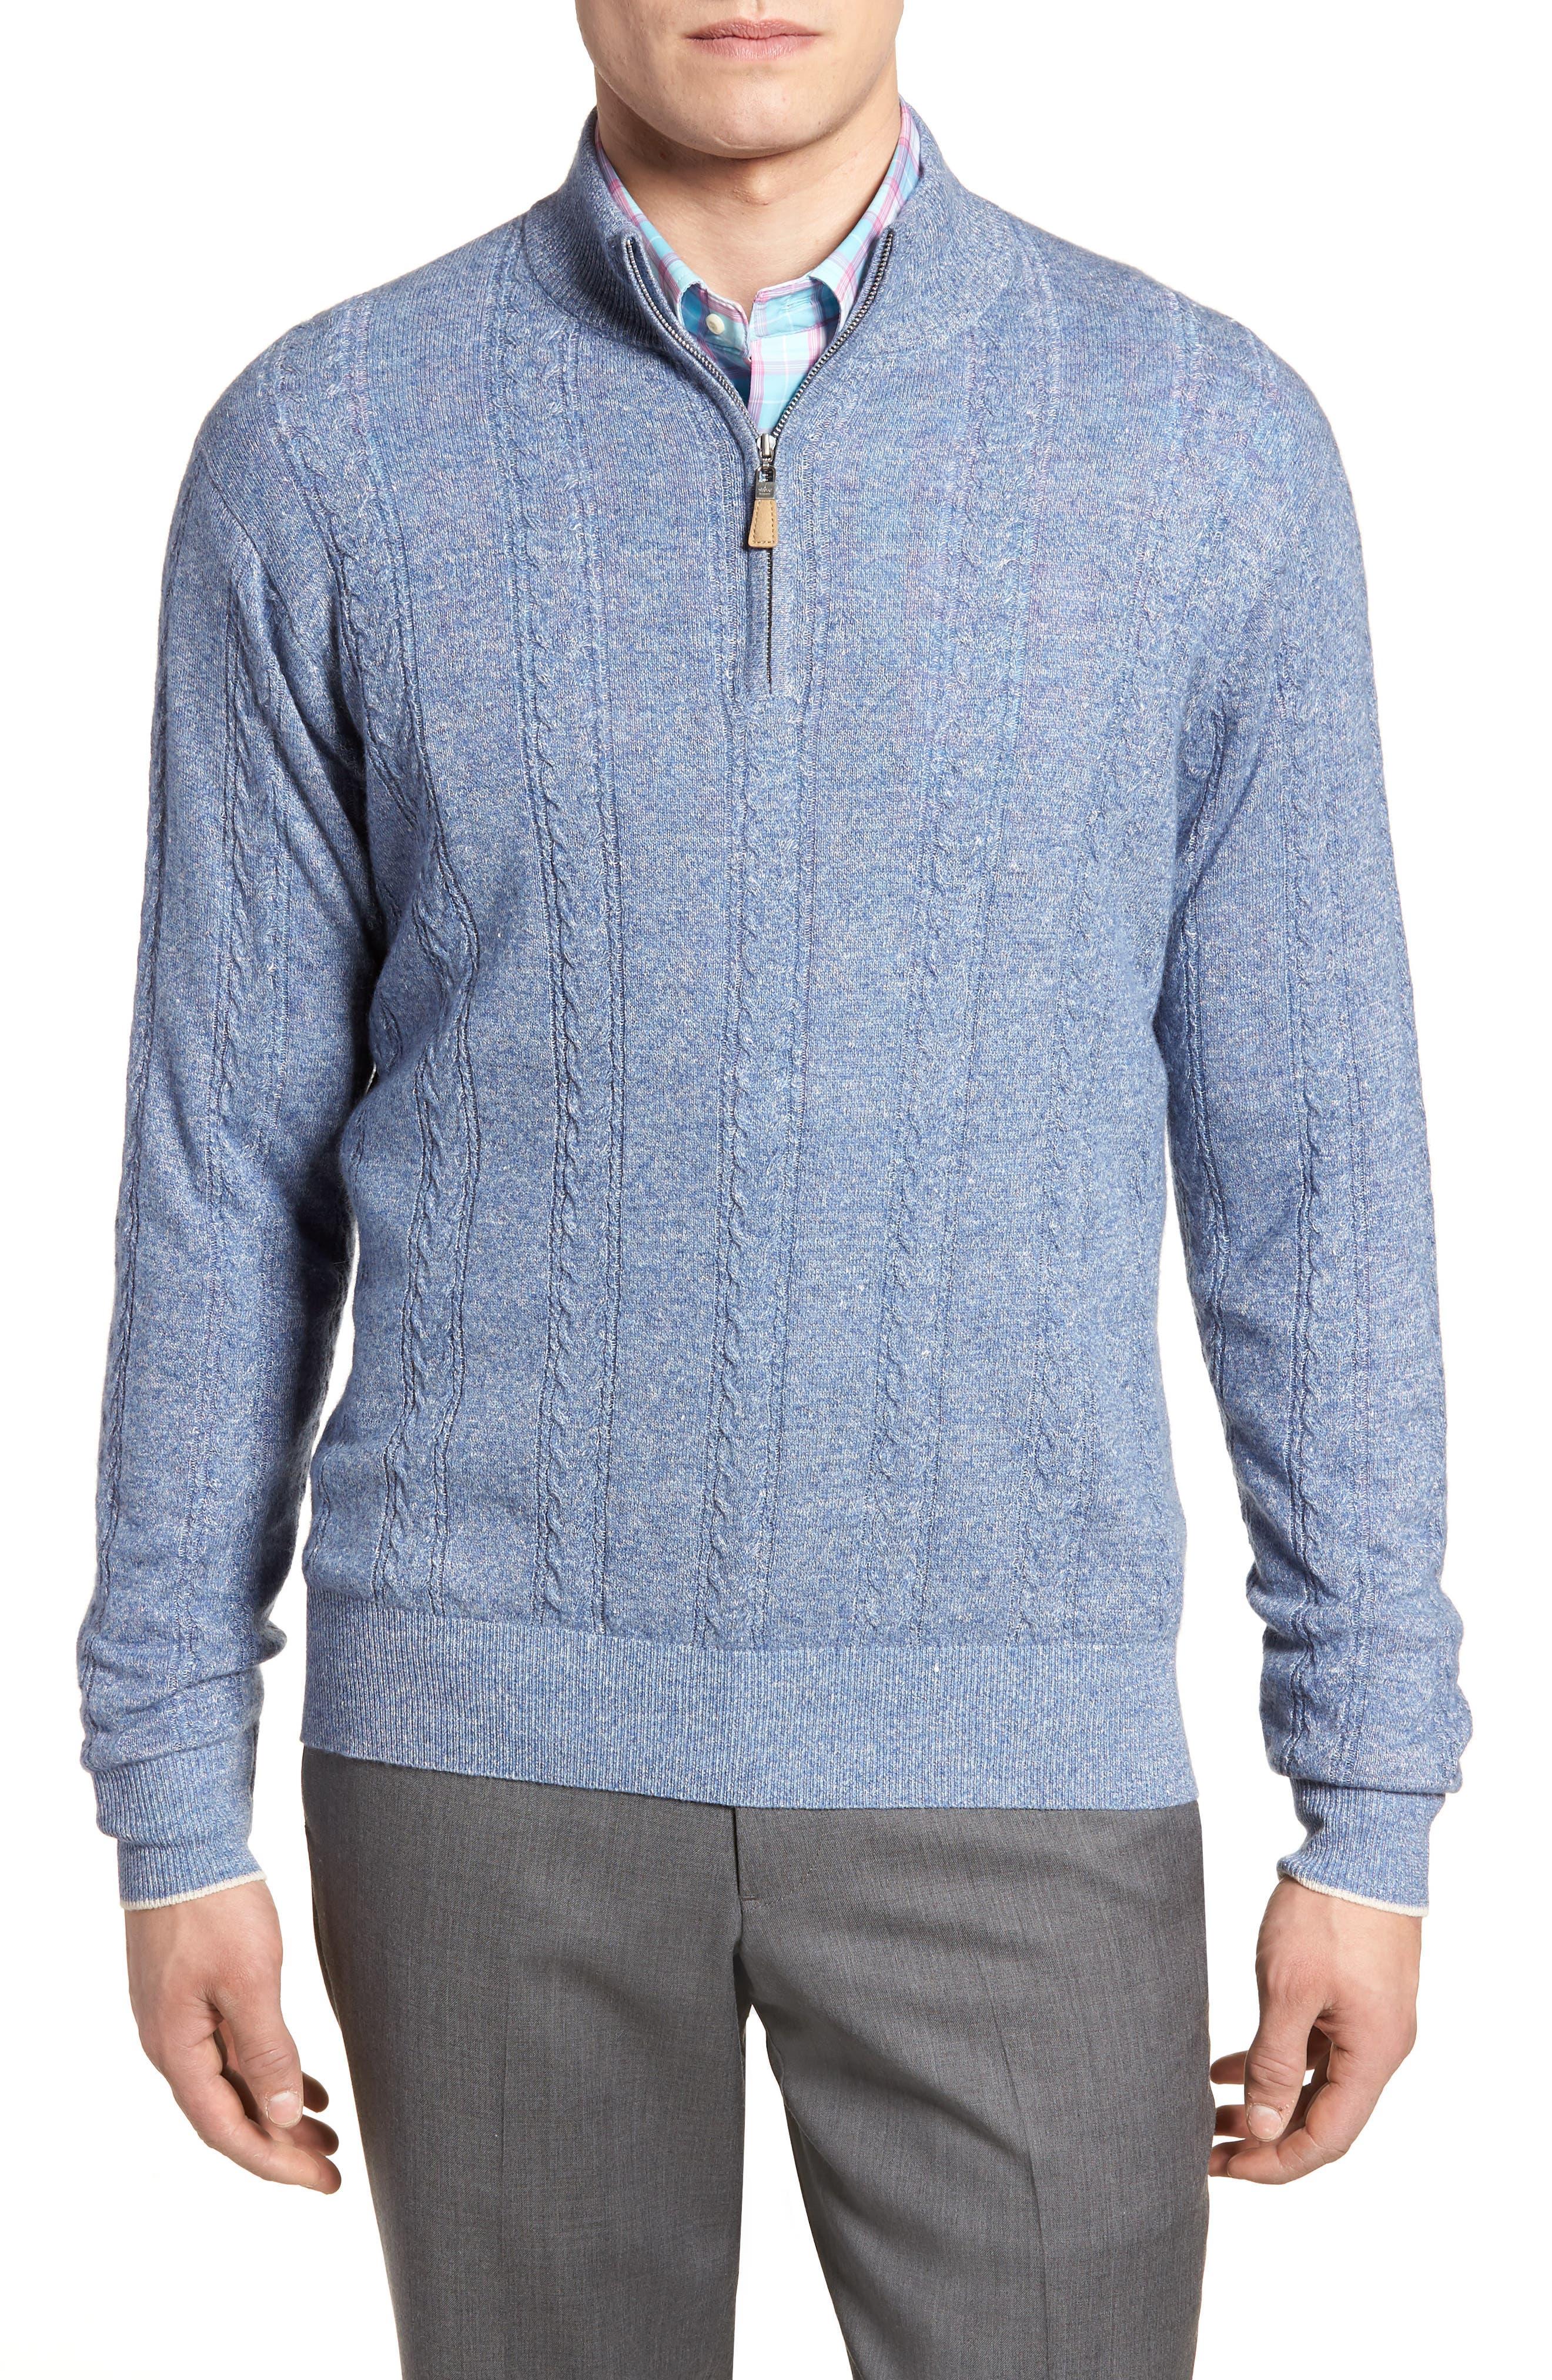 Crown Fleece Cashmere & Linen Quarter Zip Sweater,                         Main,                         color, 418